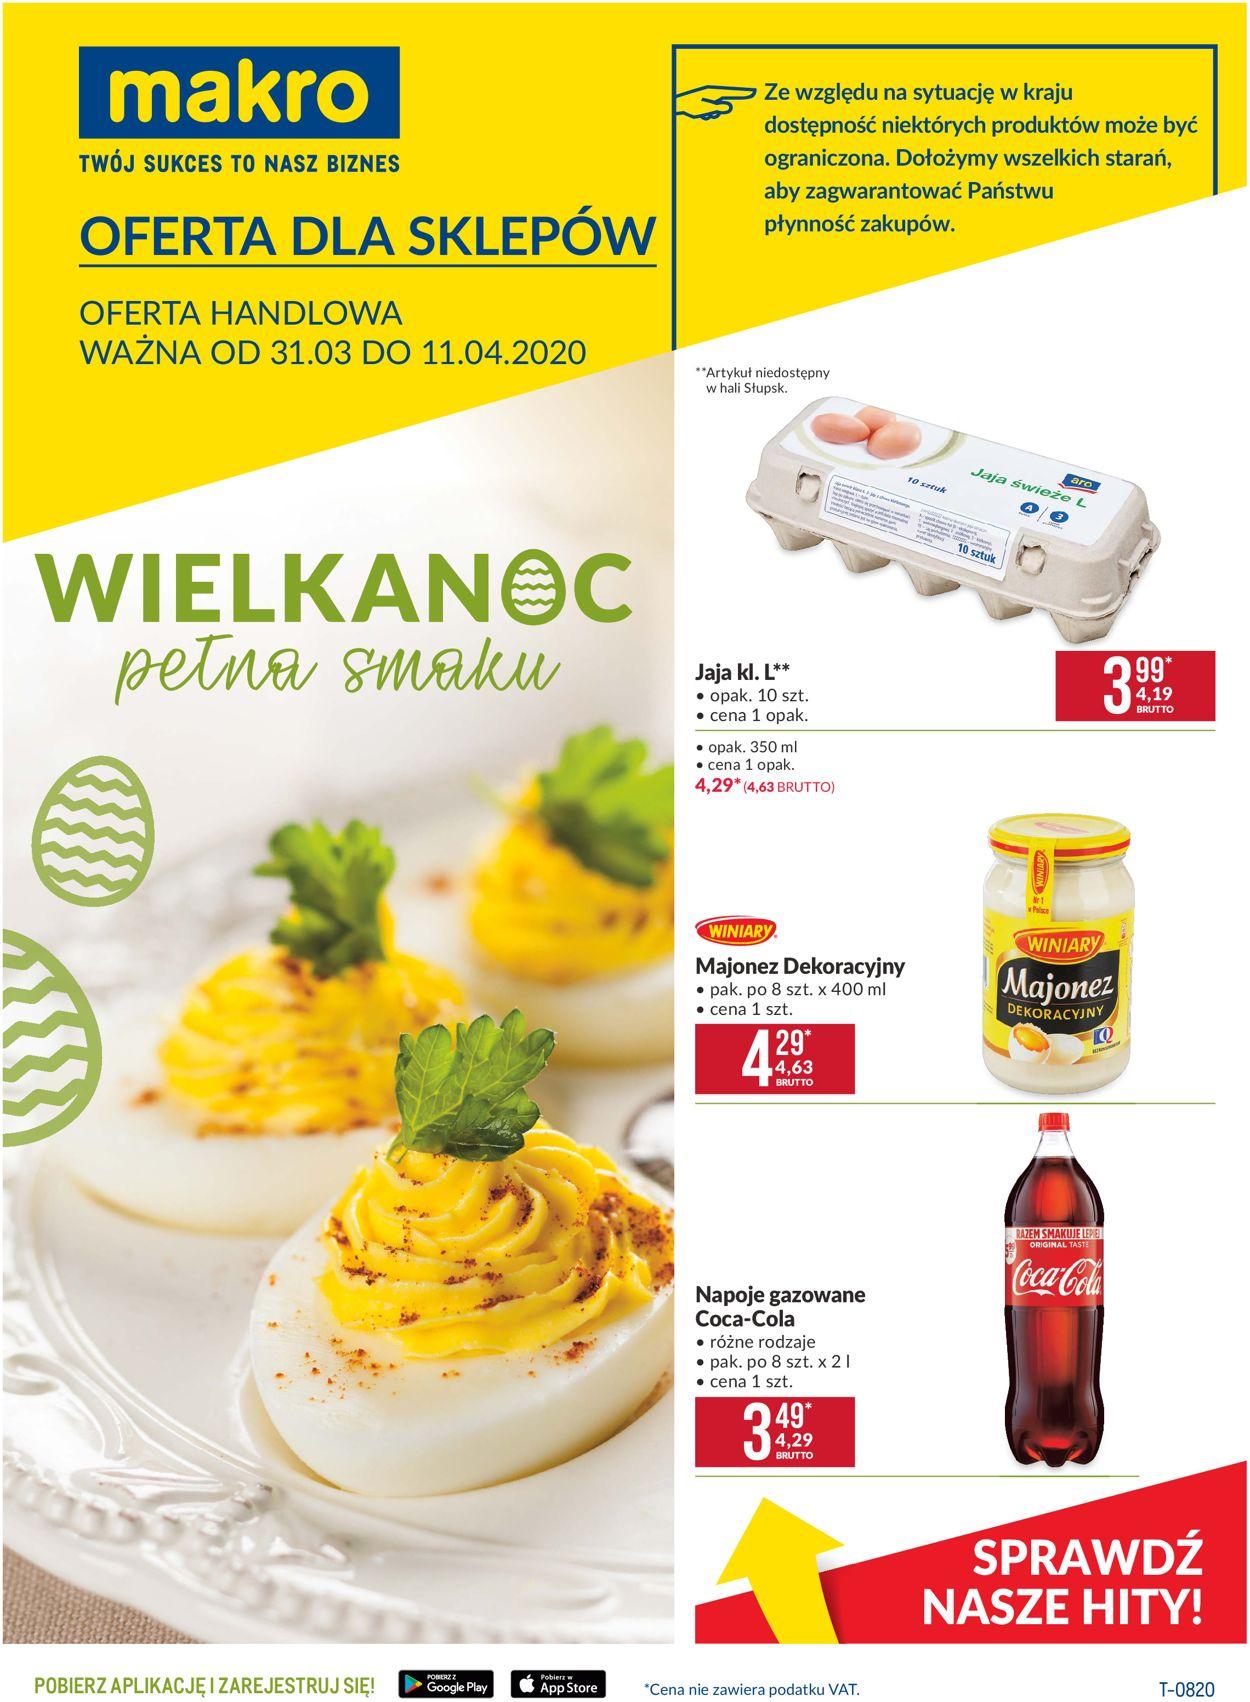 Gazetka promocyjna Makro - 31.03-11.04.2020